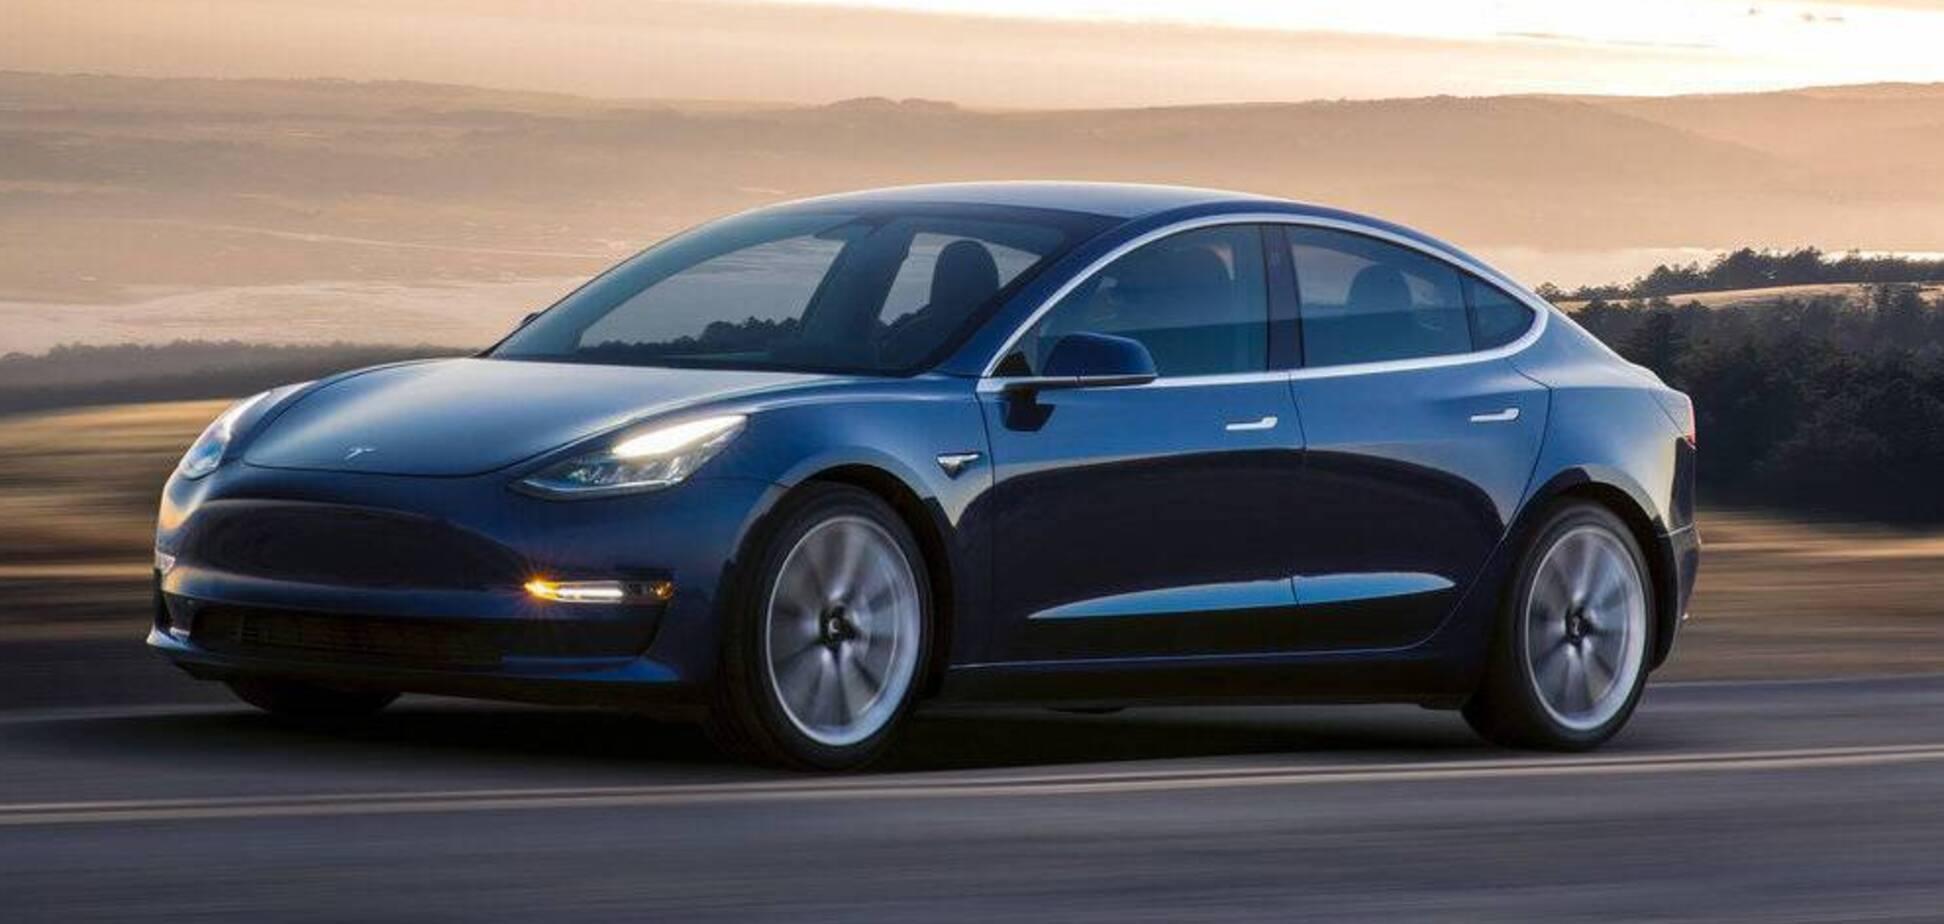 На даний момент найбільш доступним електрокаром компанії є Tesla Model 3. Фото: Tesla